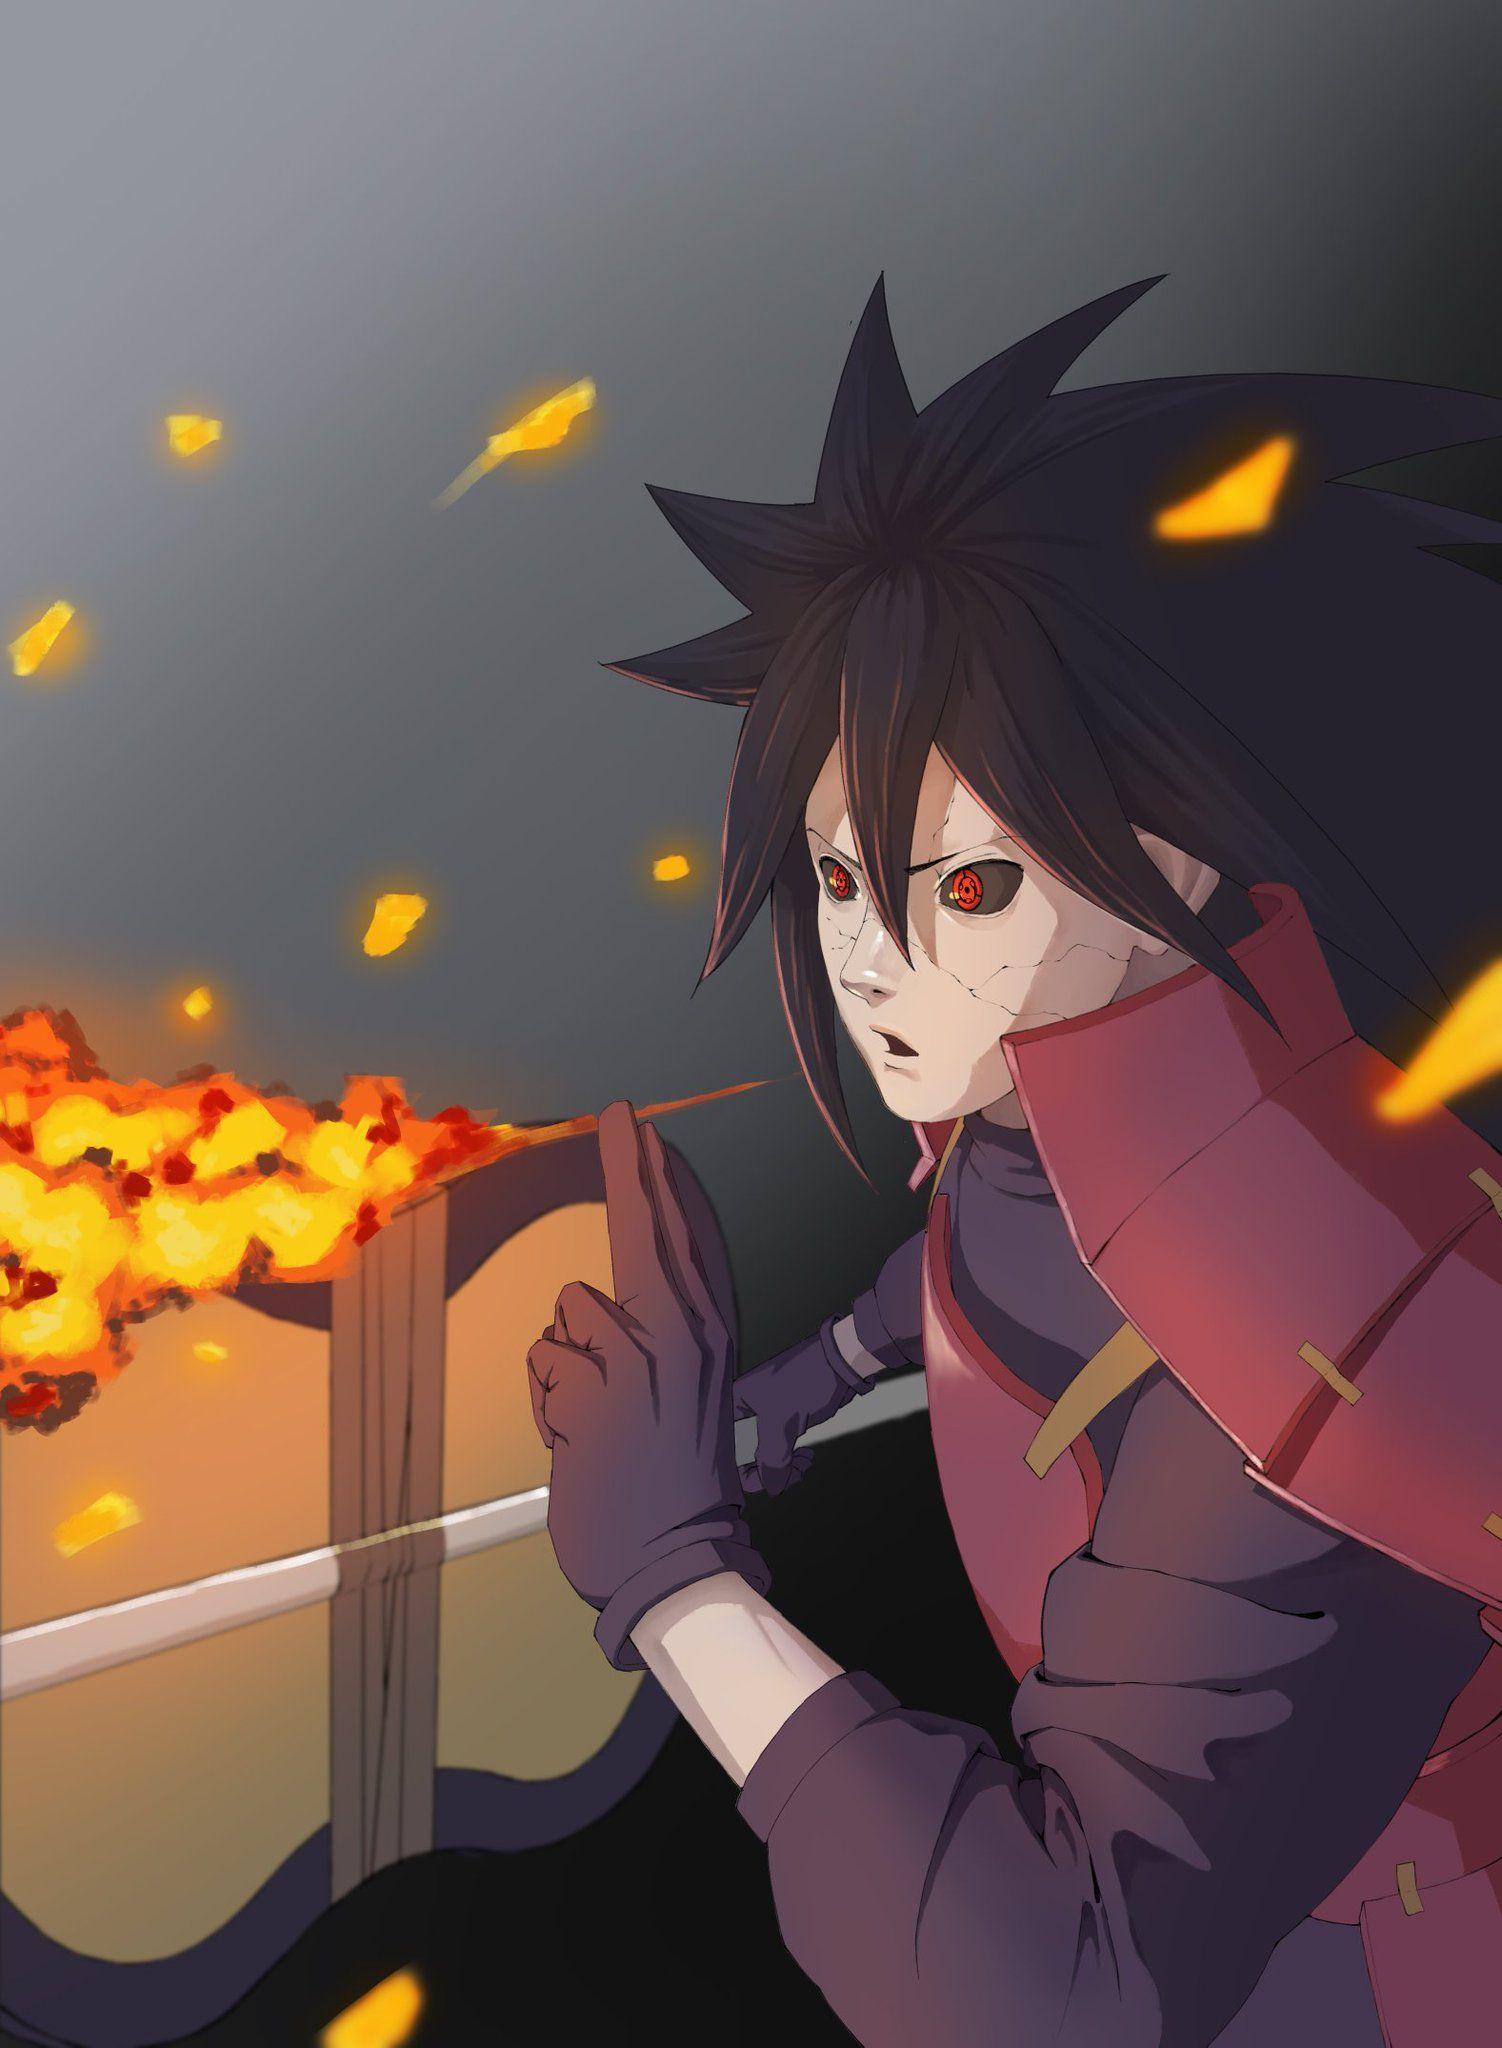 (6) Твиттер (With images) Madara uchiha, Anime, Naruto